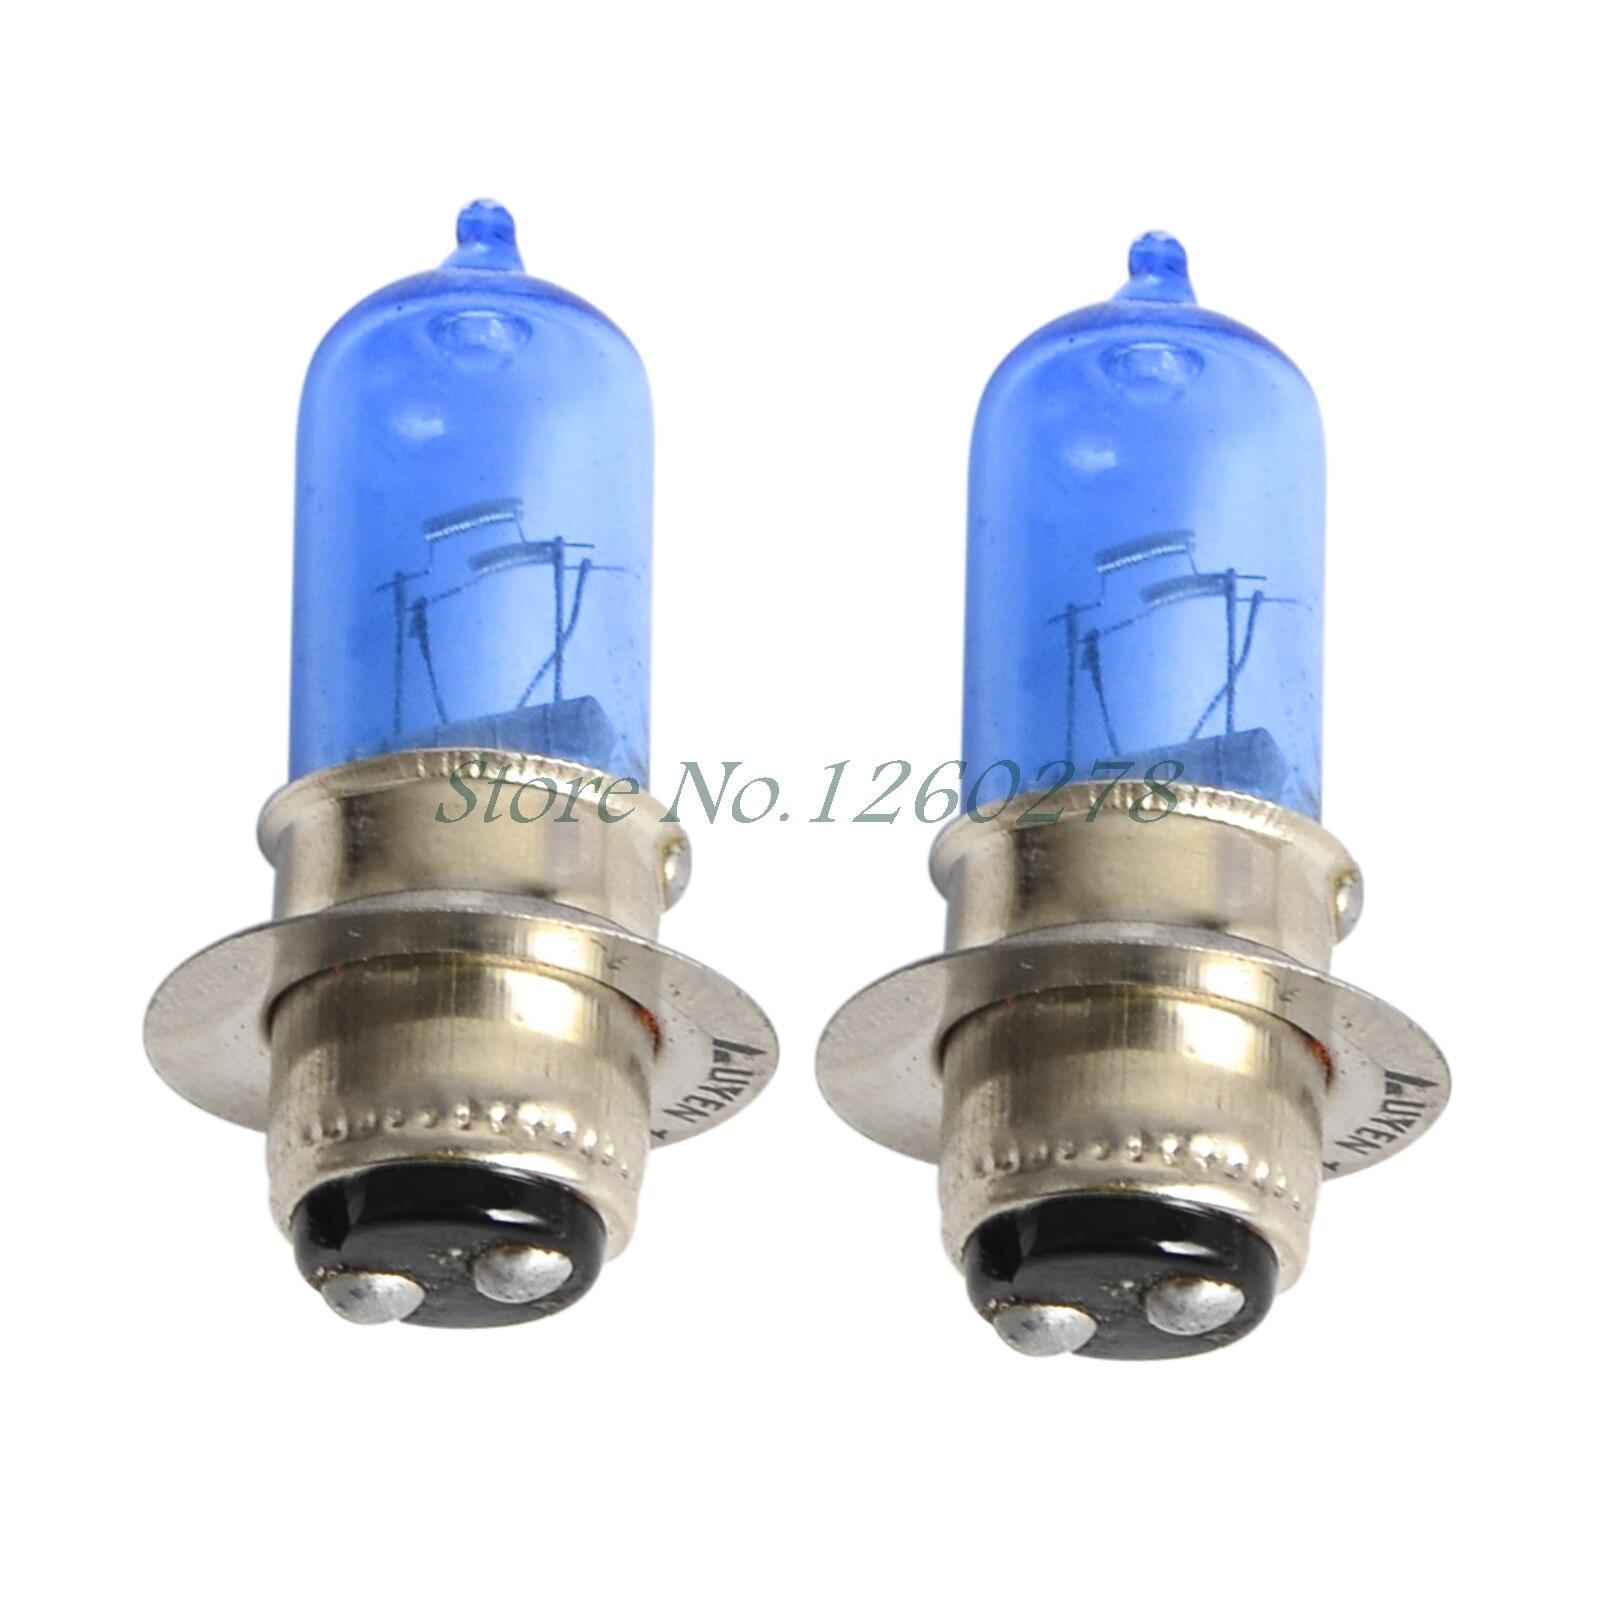 Yamaha Grizzly Headlight Bulb